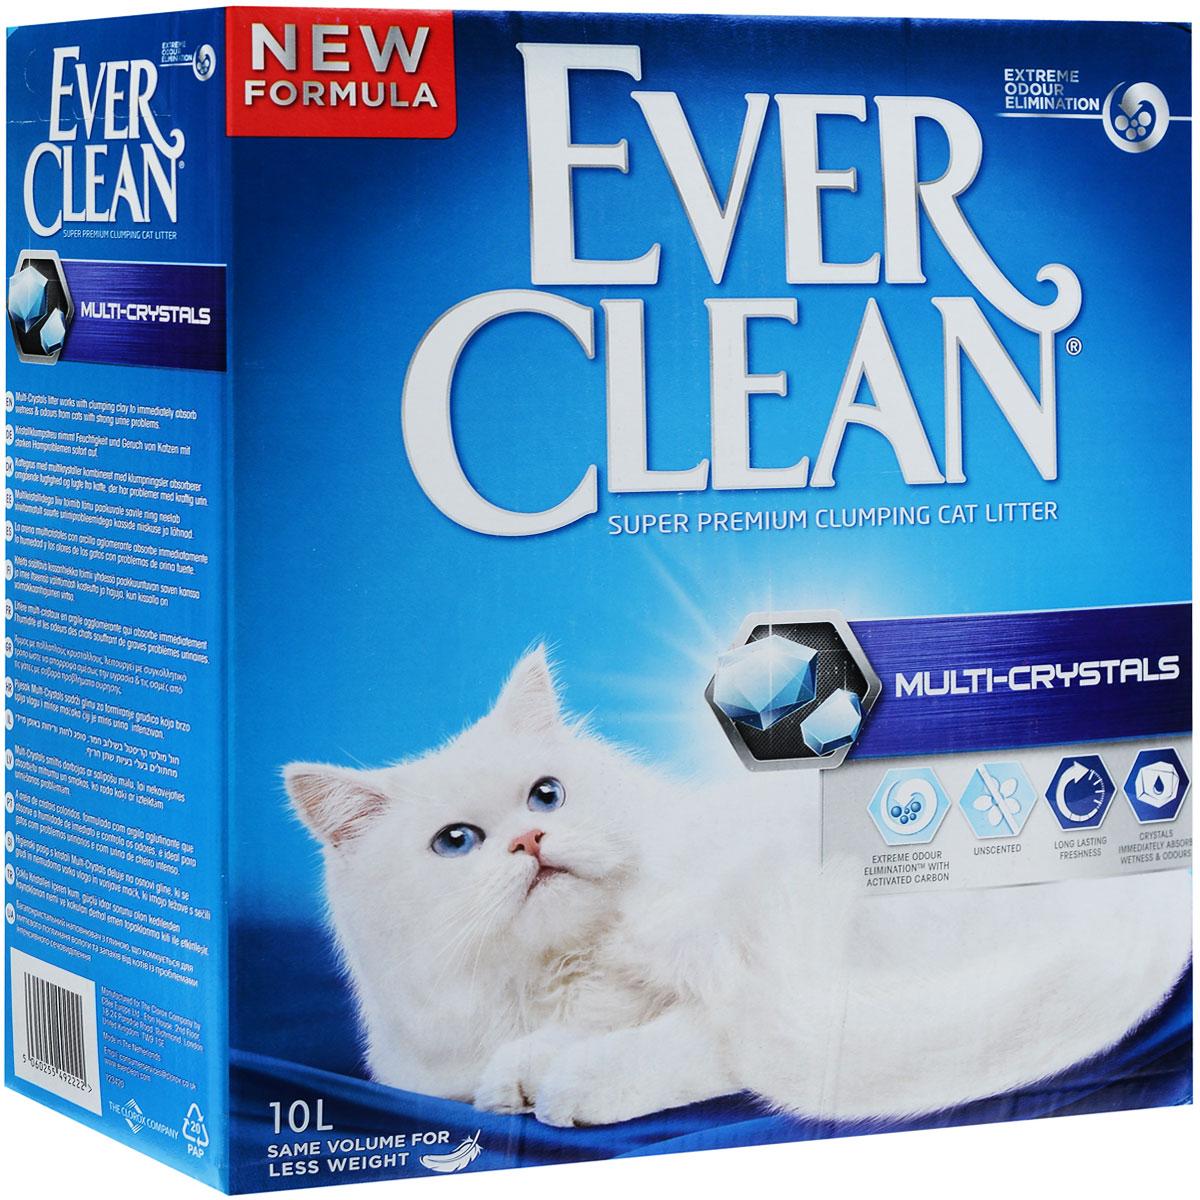 Наполнитель для кошачьего туалета Ever Clean Multi-Crystals, комкующийся, 10 кг204068016Наполнитель для кошачьего туалета Ever Clean Multi-Crystals состоит из специально обработанной и очищенной от пыли глины. Он содержит синие и зеленые кристаллы, совместно воздействующие на неприятные запахи и медленно блокирующие их, обеспечивает максимальный контроль над запахом. Наполнитель отлично подходит для устранения самых сильных запахов. Гранулы наполнителя Ever Clean Multi-Crystals не только отлично впитывают, но и образуют крепкие трудноразбиваемые комки.Ever Clean - это элитная серия высококачественных комкующихся наполнителей для кошачьего туалета с уникальными свойствами. Наполнители созданы на основе запатентованной технологии и обеспечивают максимальное устранение запахов. В сердцевине каждой гранулы помещен активированный уголь. Капсулы активированного угля захватывают и удерживают неприятный запах внутри себя. Также в состав гранул входит антибактериальный компонент, который уничтожает бактерии, вызывающие неприятный запах.Состав: глина, активированный уголь.Вес: 10 кг. Товар сертифицирован.